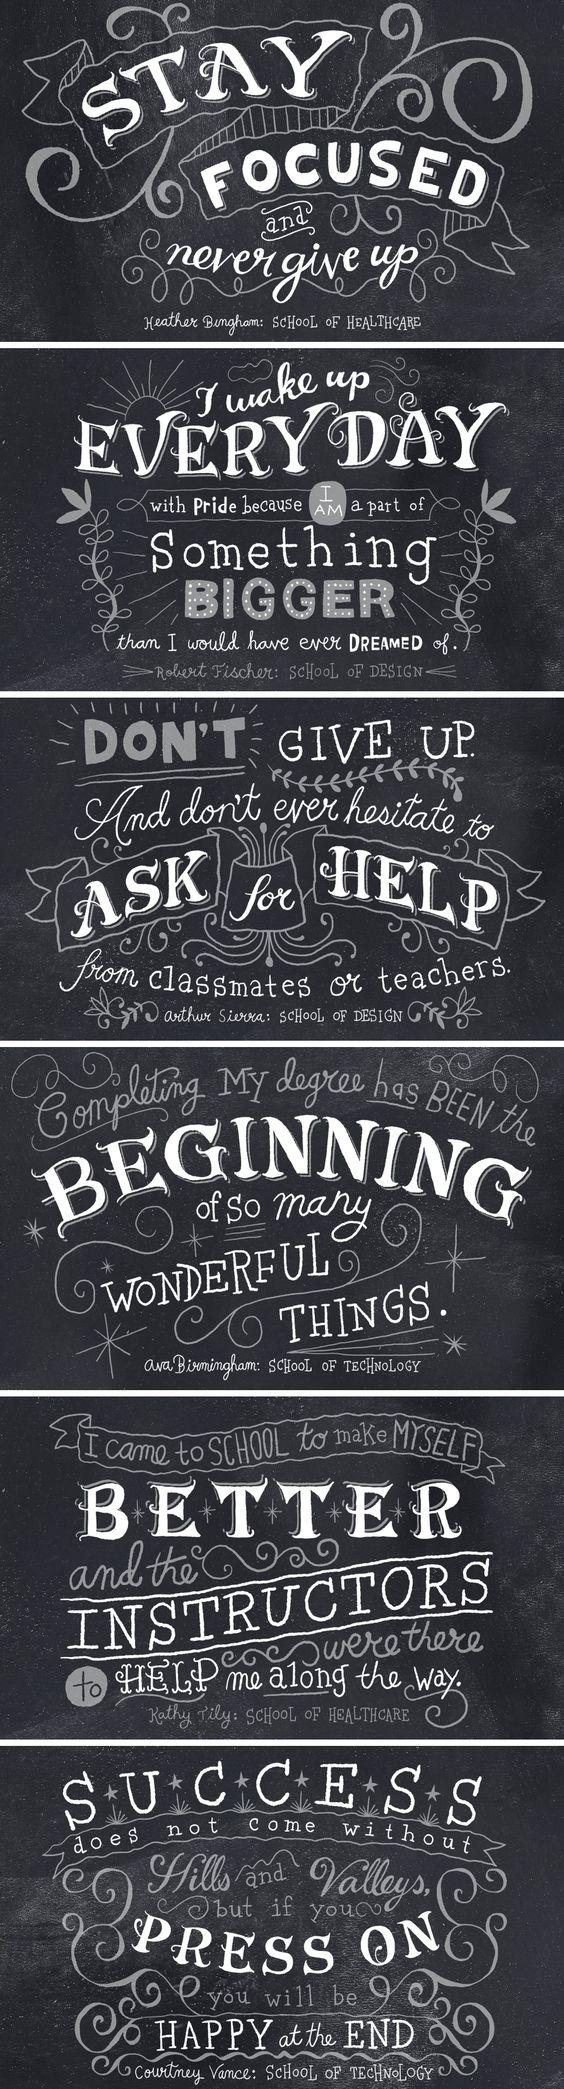 Ilustraciones tipográficas a través de diferentes tipos realizadas a mano http://www.n8w.com/gallery/tags/lettering